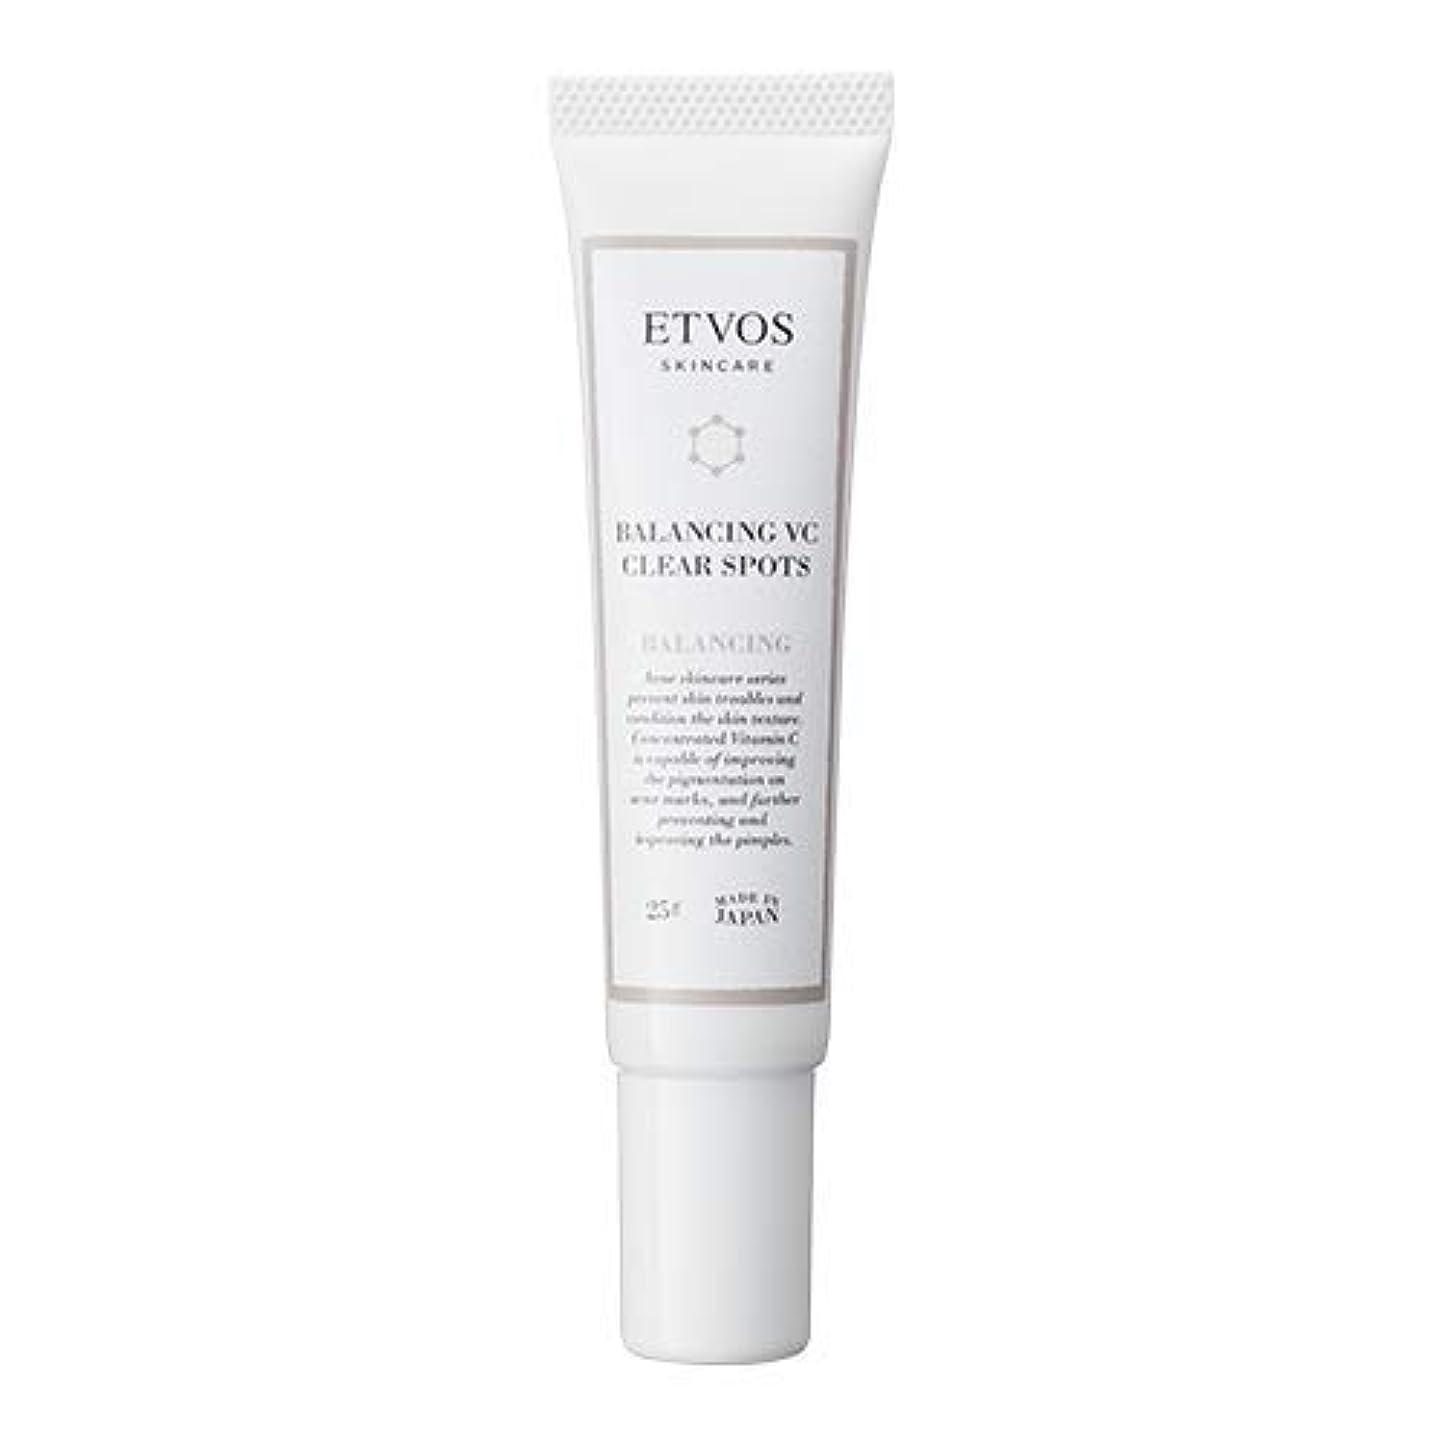 件名無限大不注意ETVOS(エトヴォス) 肌荒れ防止美容液 バランシングVCクリアスポッツ 25g アゼライン酸 おでこ/あご/頭皮